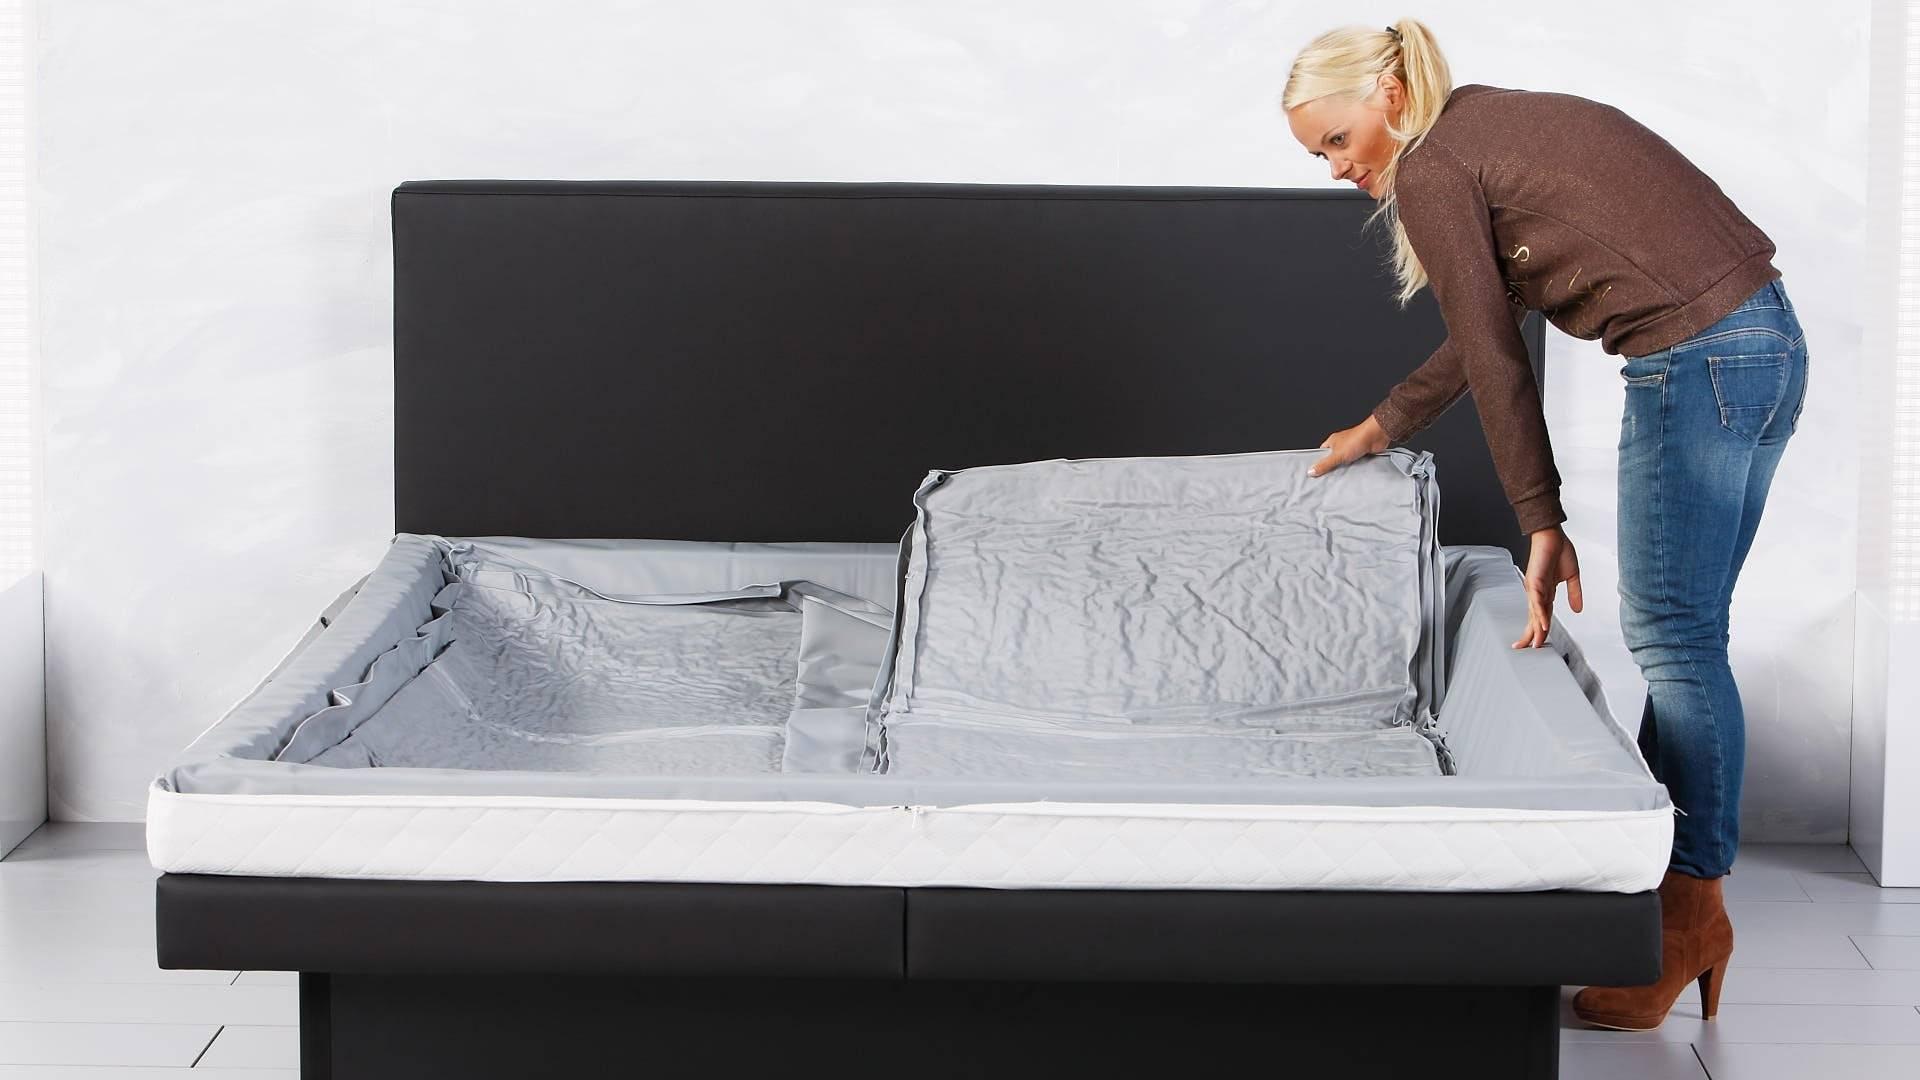 Full Size of Wasser Bett Komplette Softside Wasserbetten Gnstig Online Kaufen Wasserbett Xl Weiß 160x200 Bopita Such Frau Fürs Mit Unterbett Poco Holz Weißes 140 X 200 Bett Wasser Bett